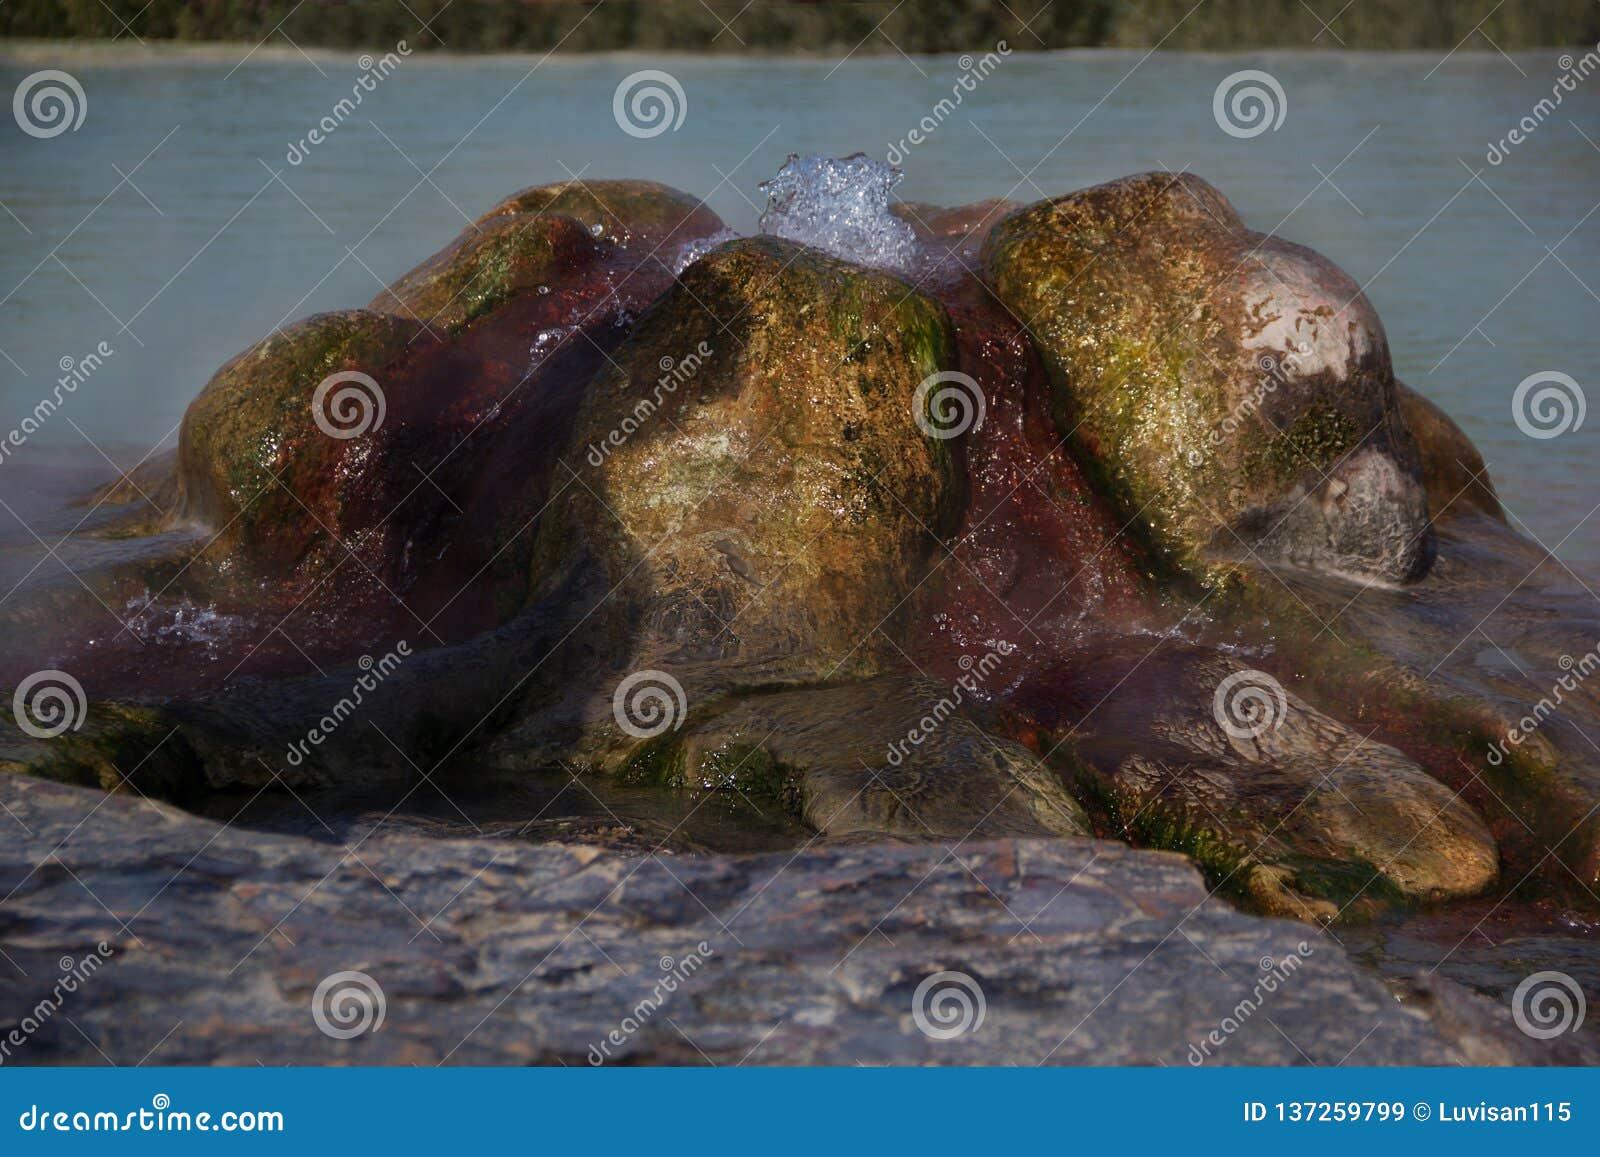 Piscines de travertin et terrasses naturelles, Pamukkale, Turquie